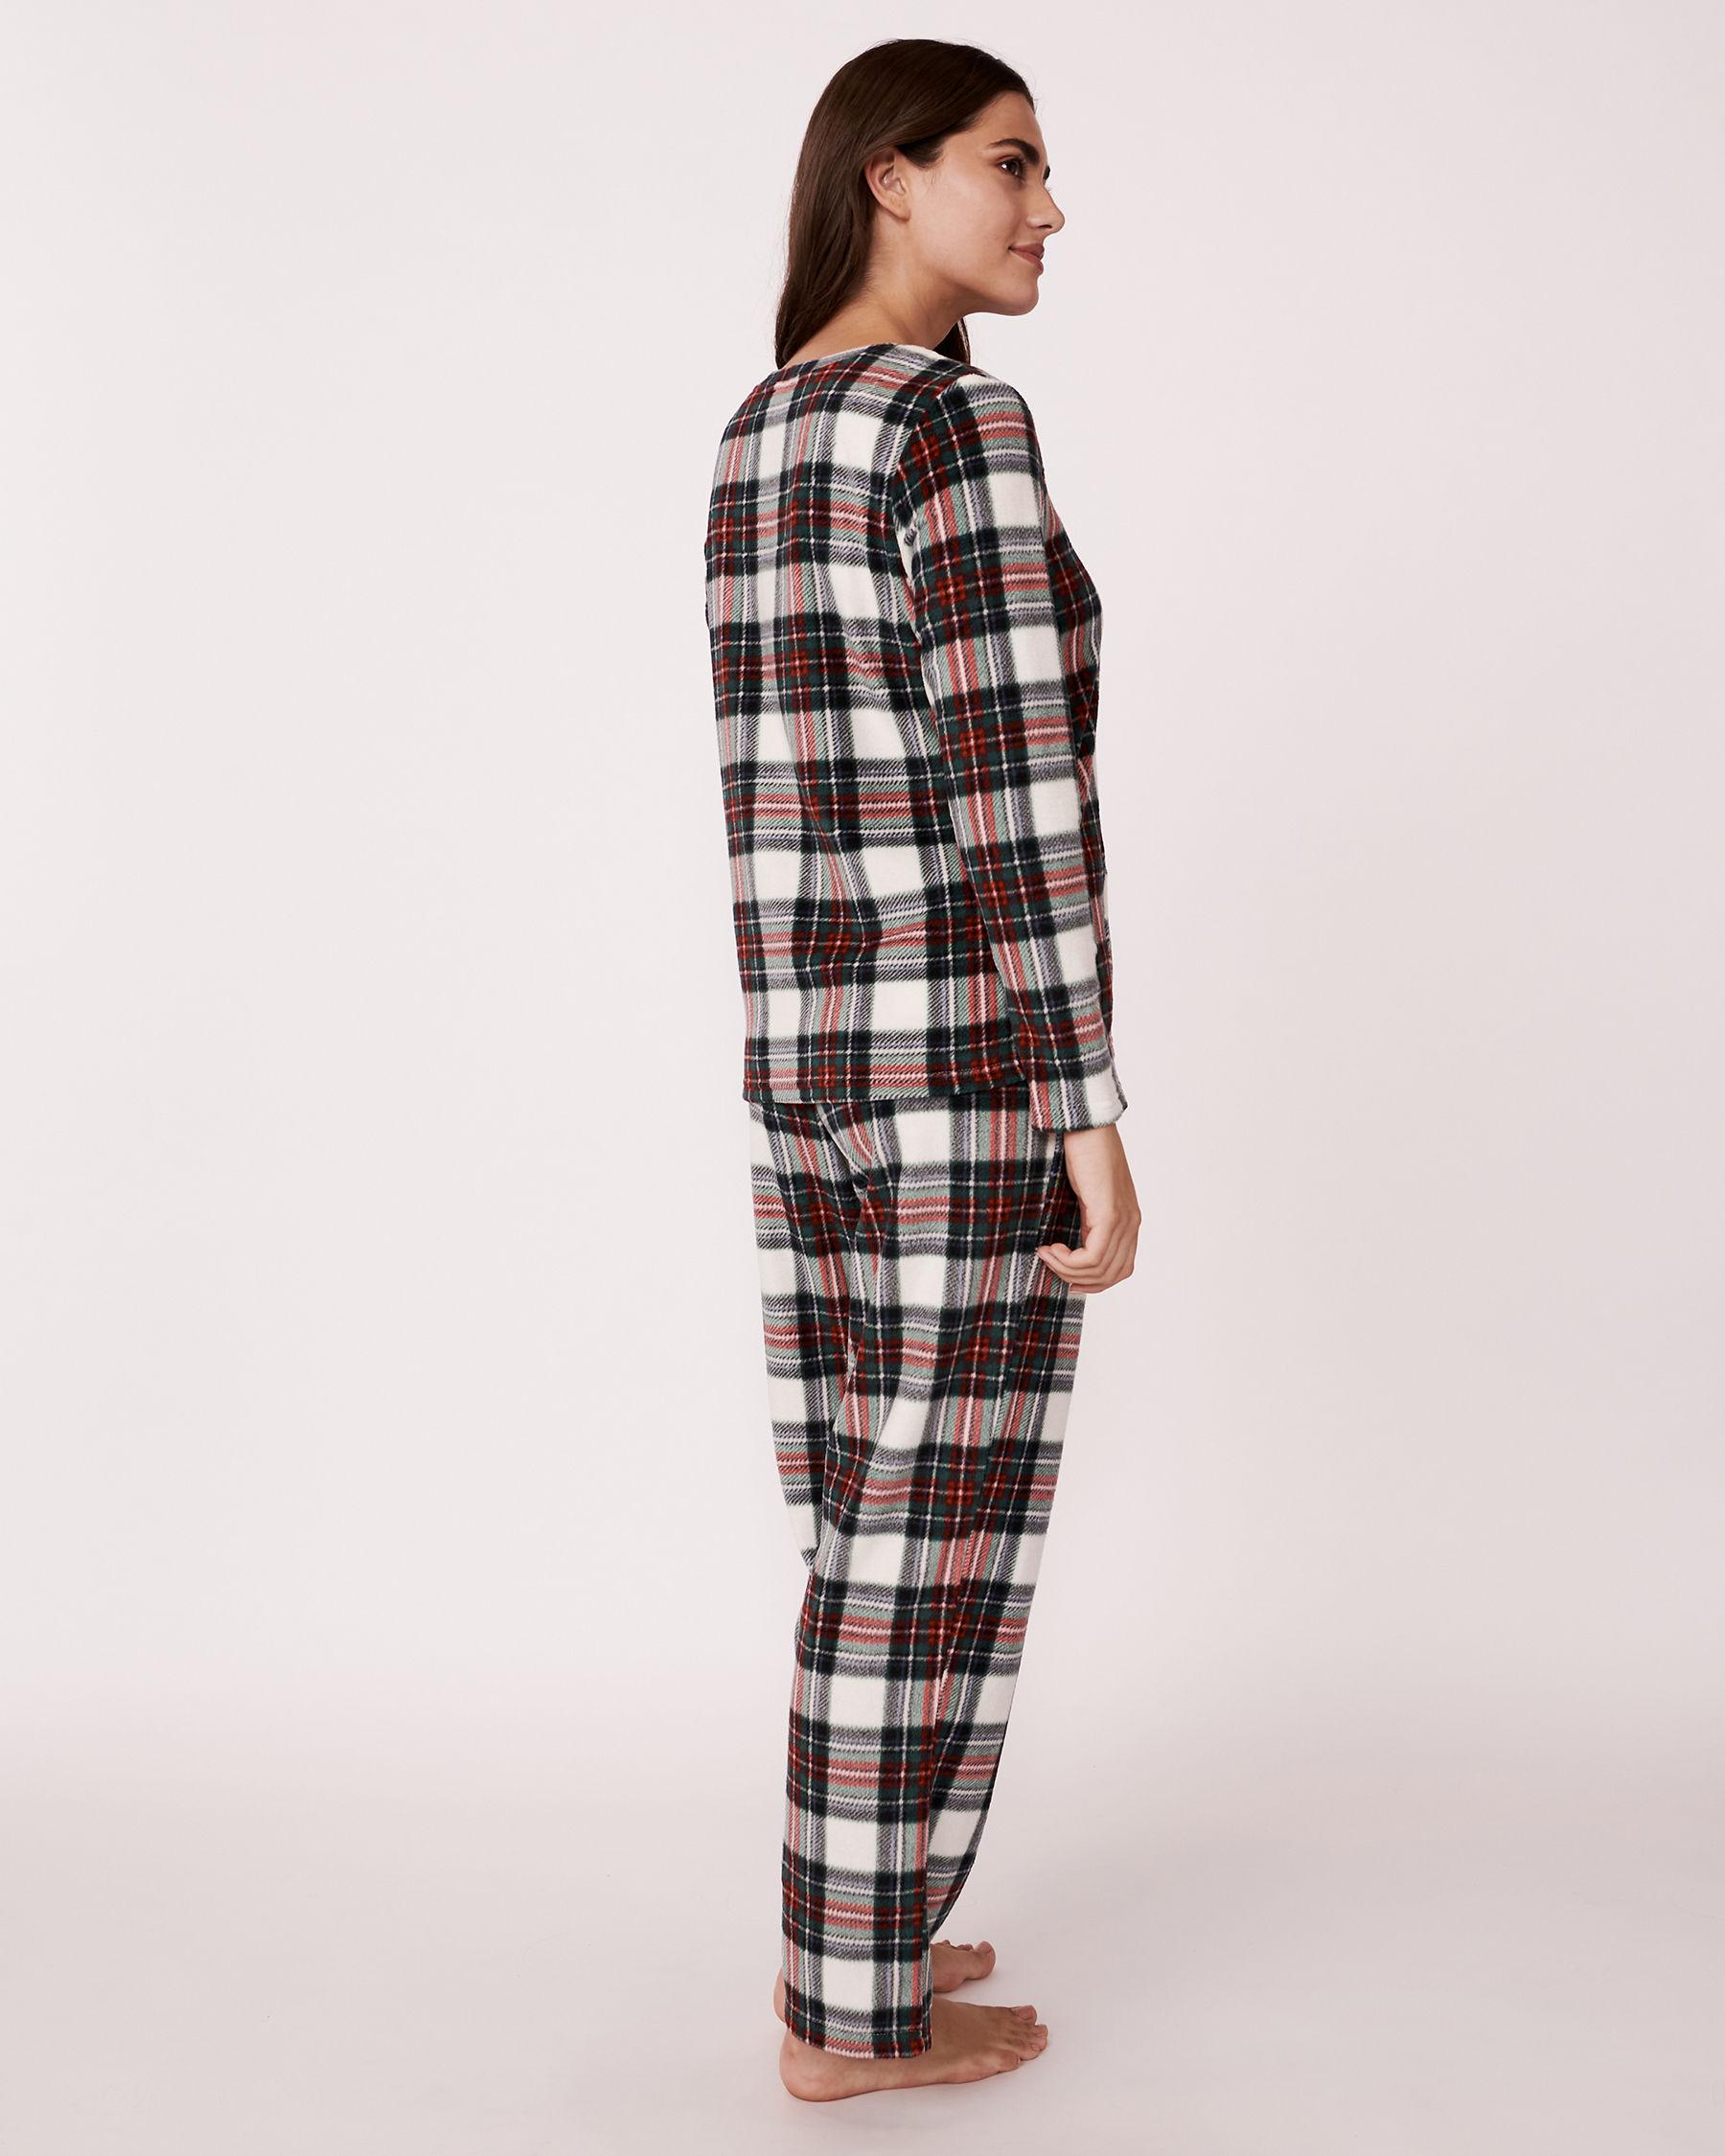 LA VIE EN ROSE Ensemble pyjama en micropolaire Tartan blanc 263-310-0-09 - Voir2